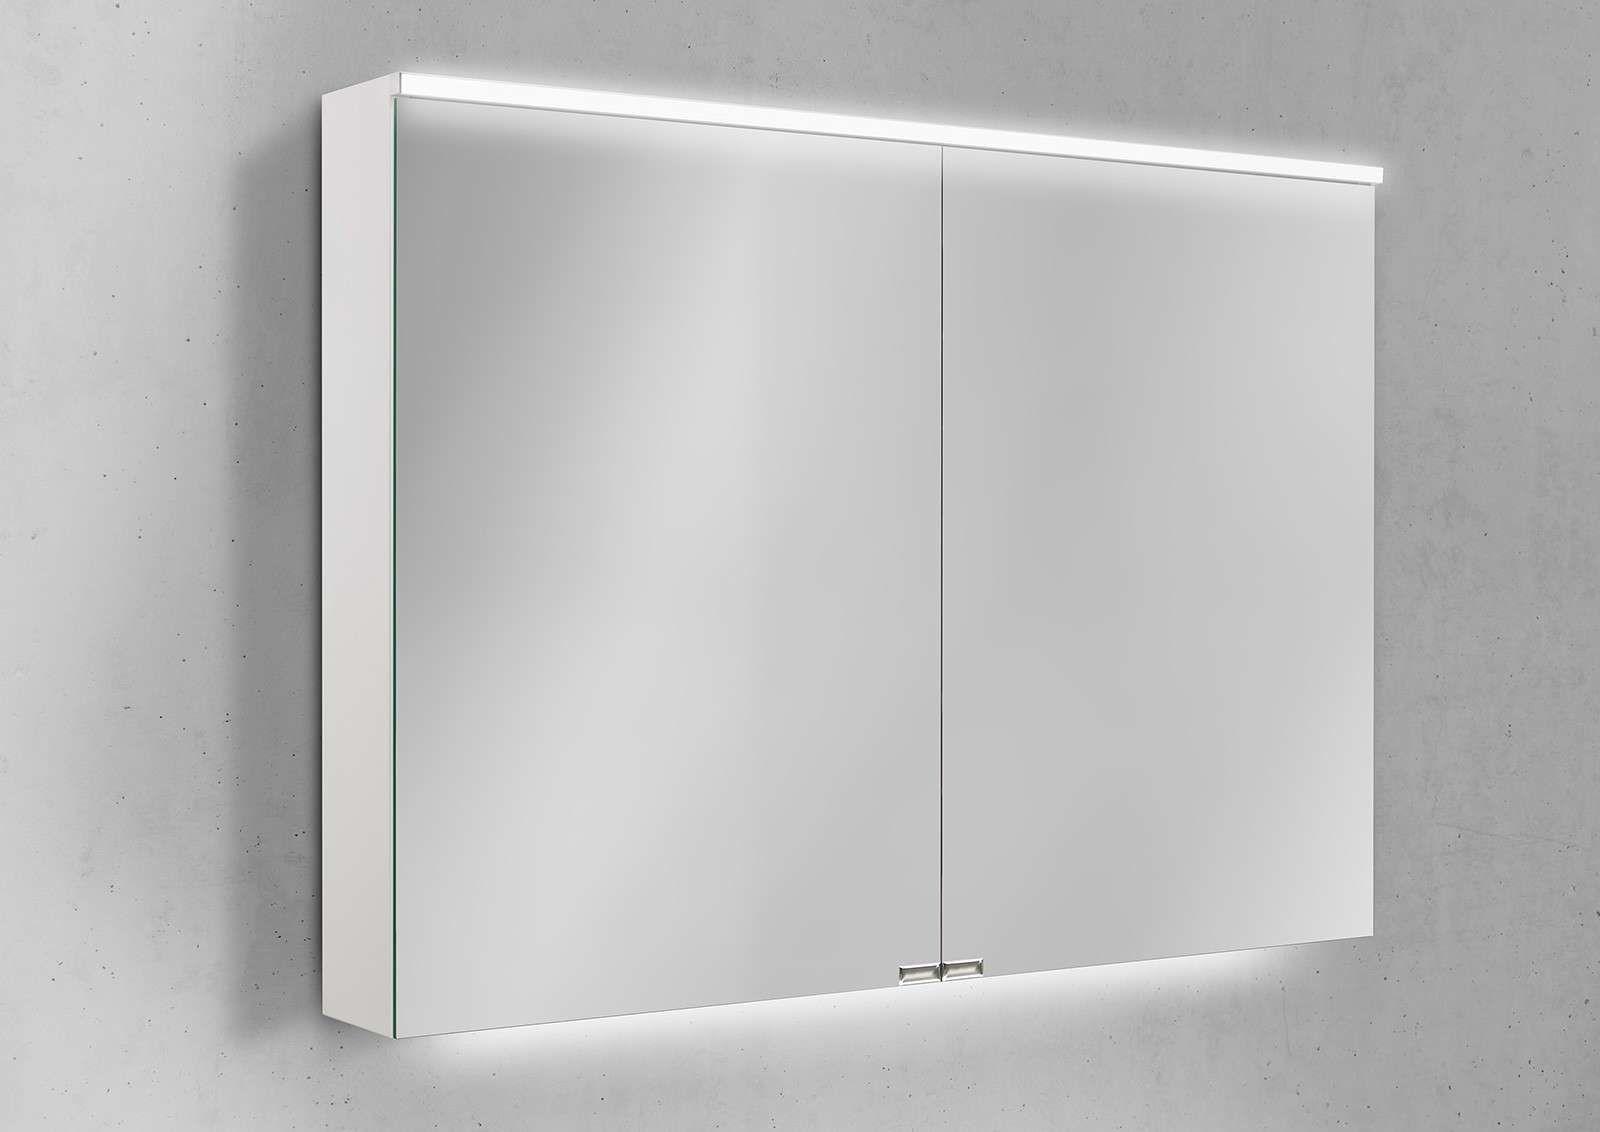 Designbaeder Com Spiegelschrank Spiegelschrank Beleuchtung Spiegelschrank Bad